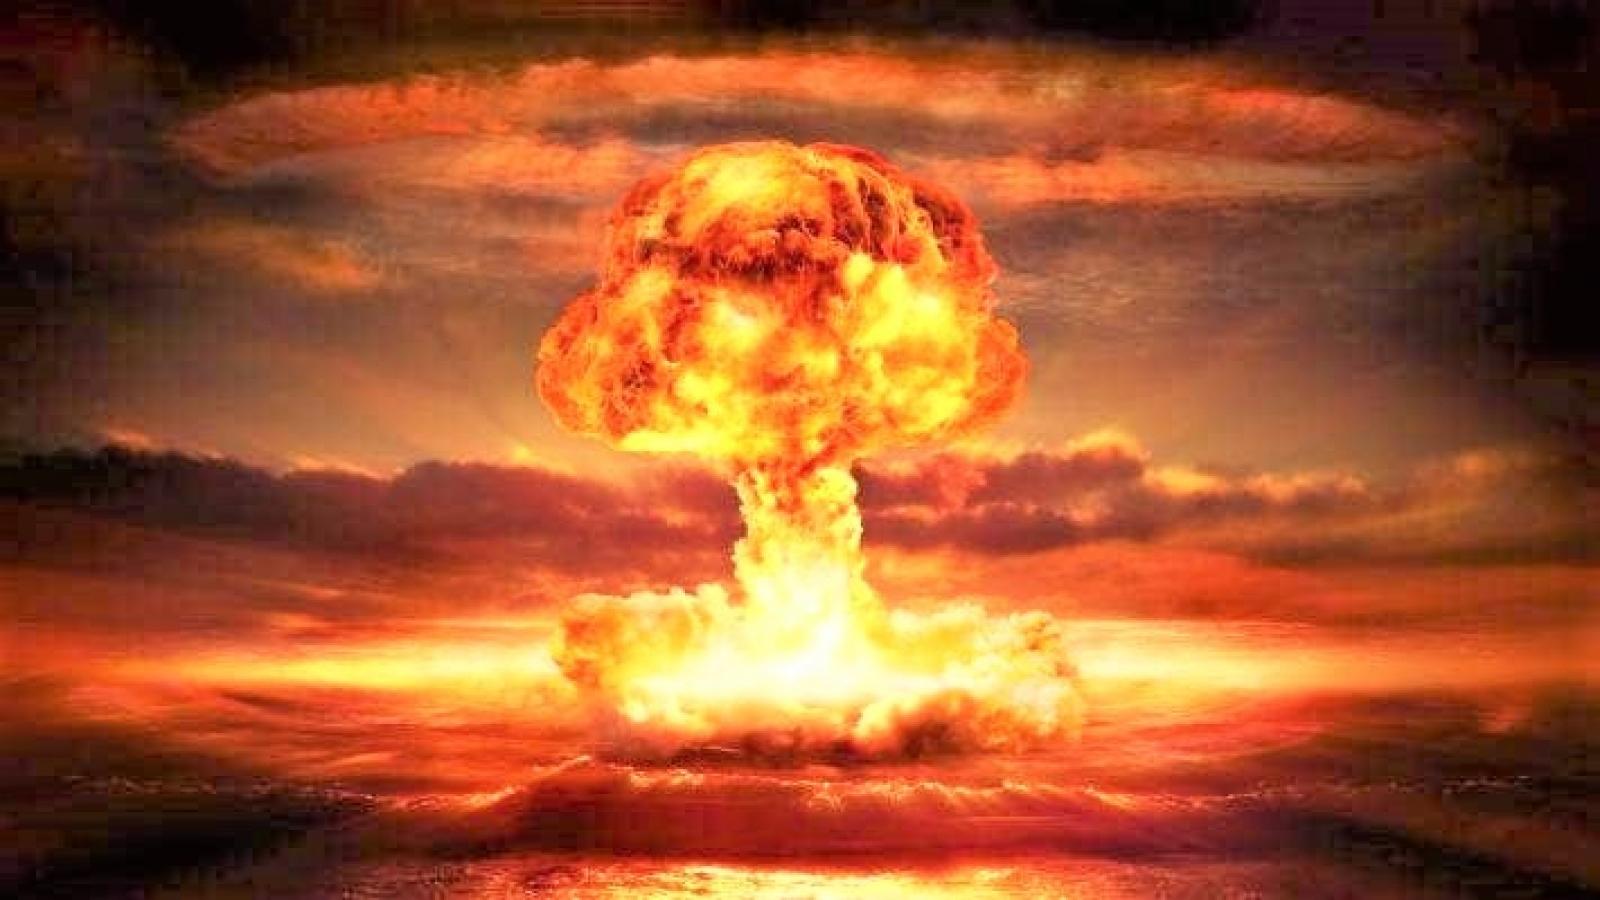 Gia tăng phổ biến vũ khí hạt nhân – thách thức không hề nhỏ mà nhân loại phải đối mặt